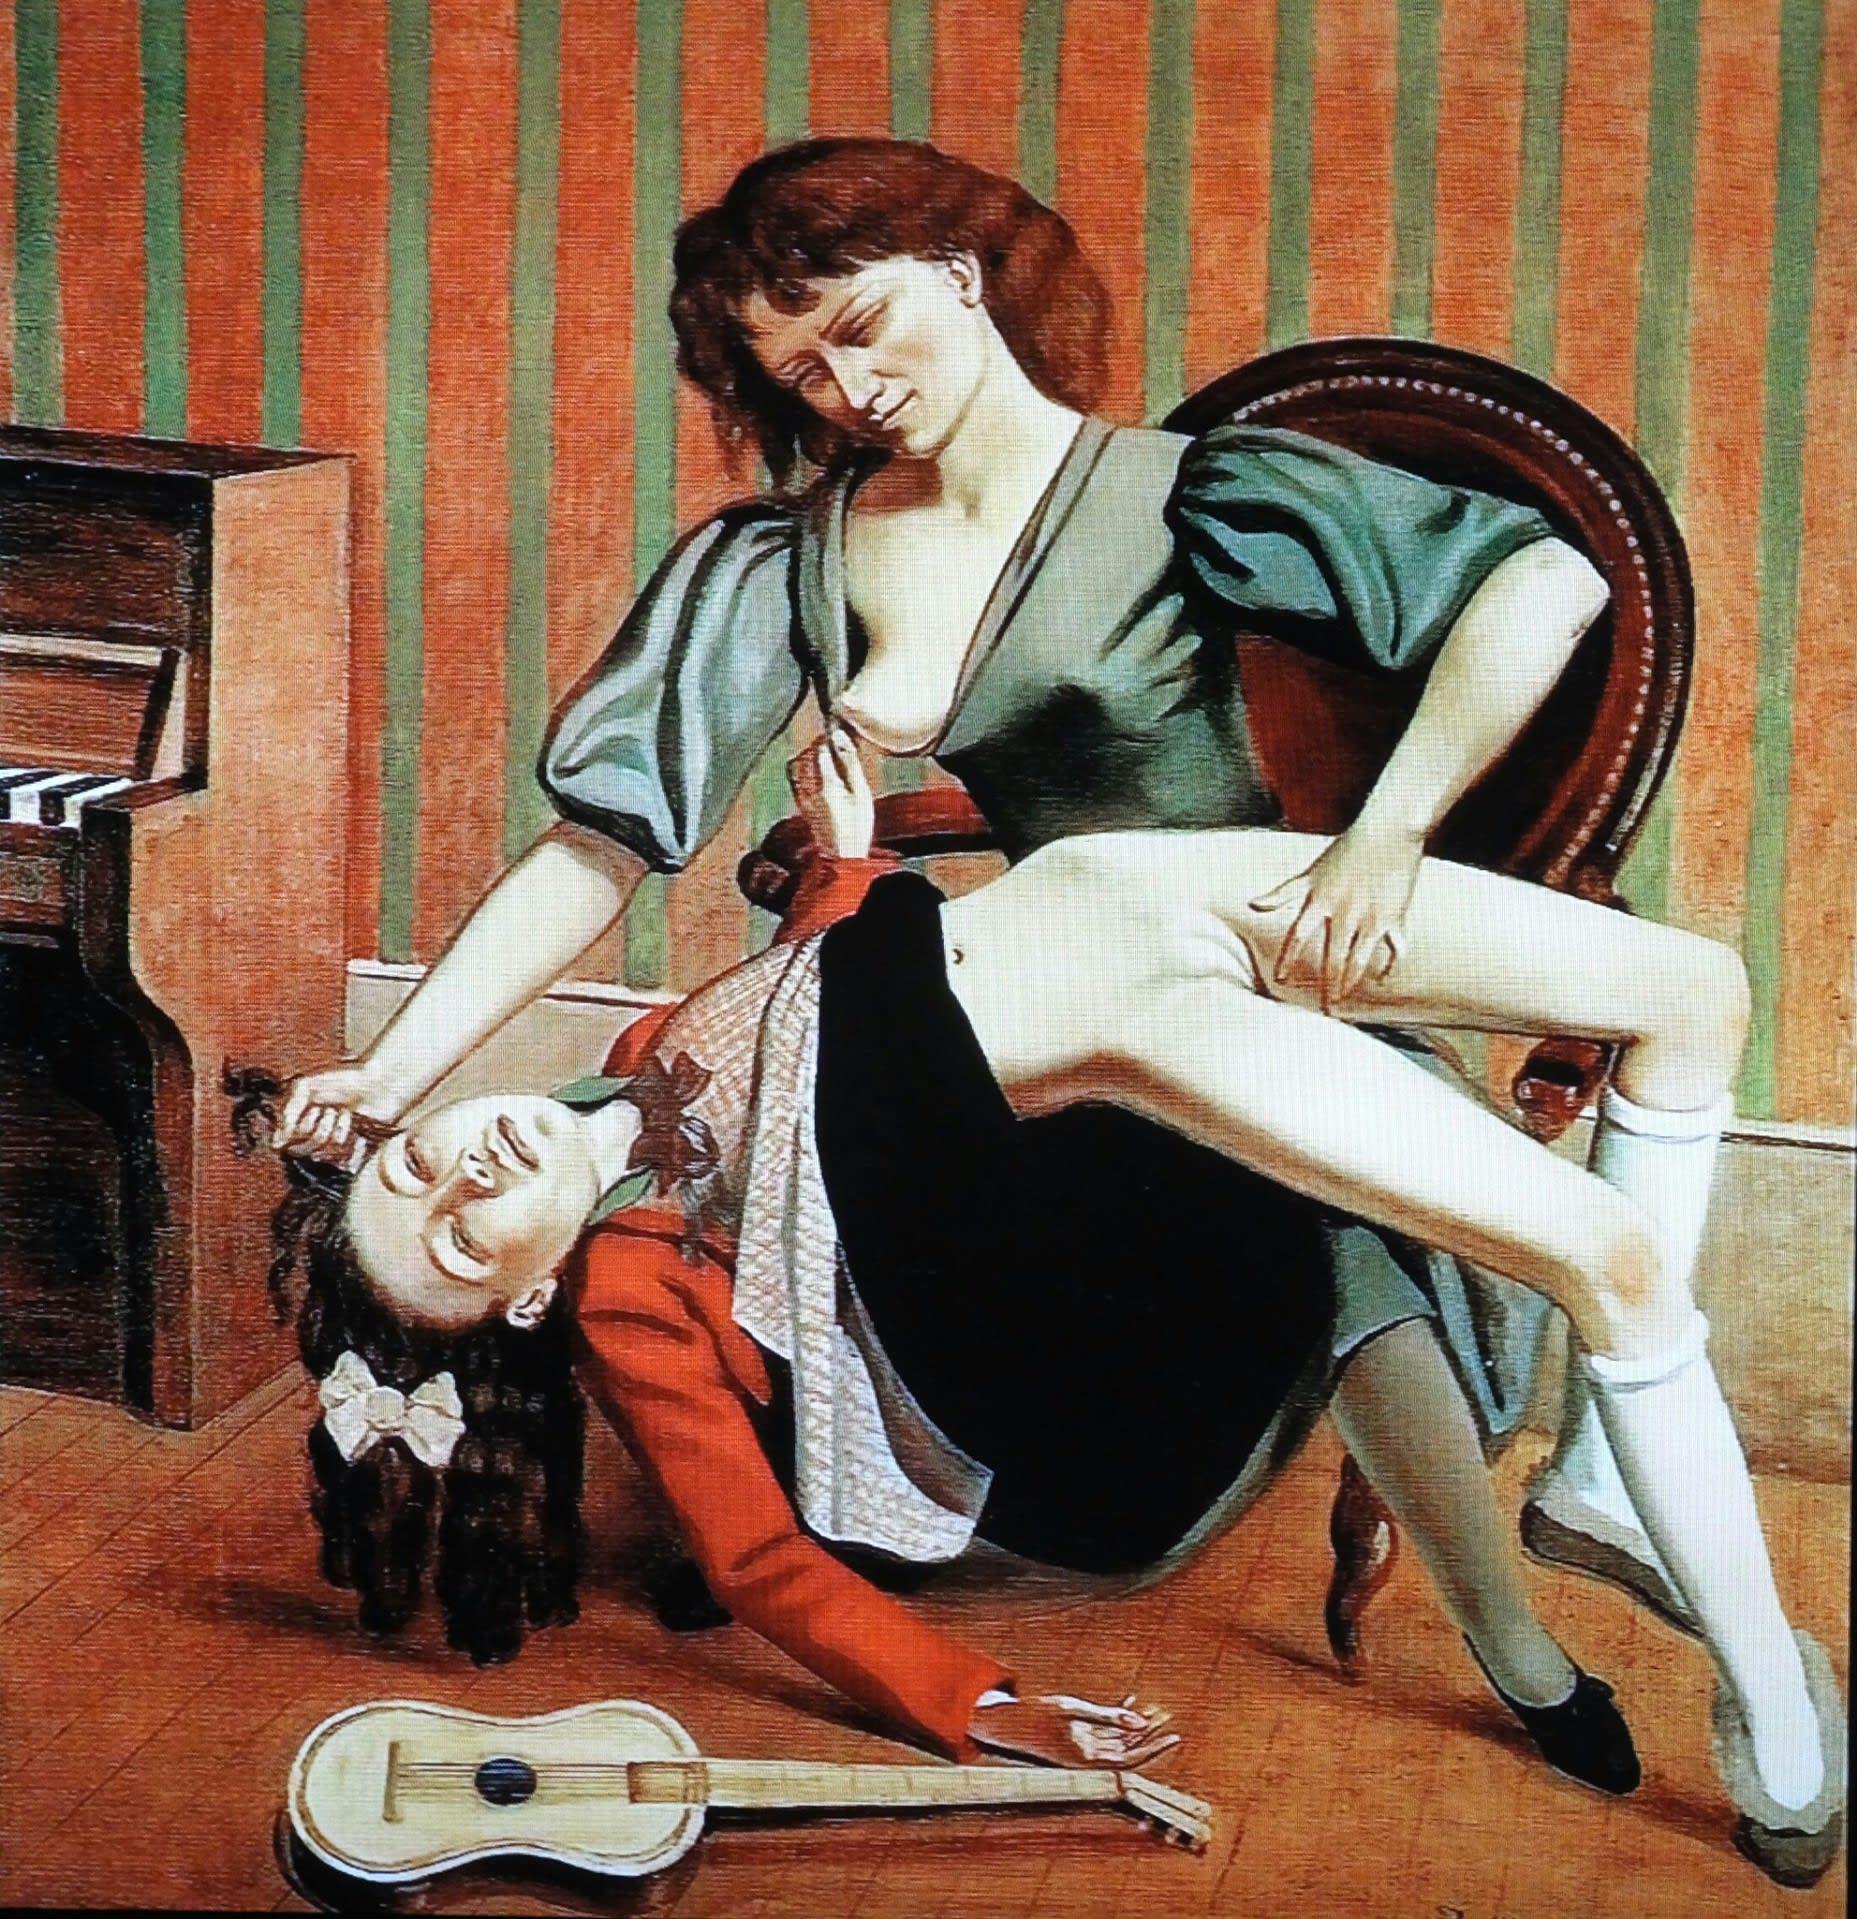 夢見るテレーズ 「夢見るテレーズ」1938 バルテュス30歳この作品は素晴らしかったです。 展示室のなかでは、圧倒的な存在感があります。  バルテュスは、大人の女性に変化する前の少女 ...